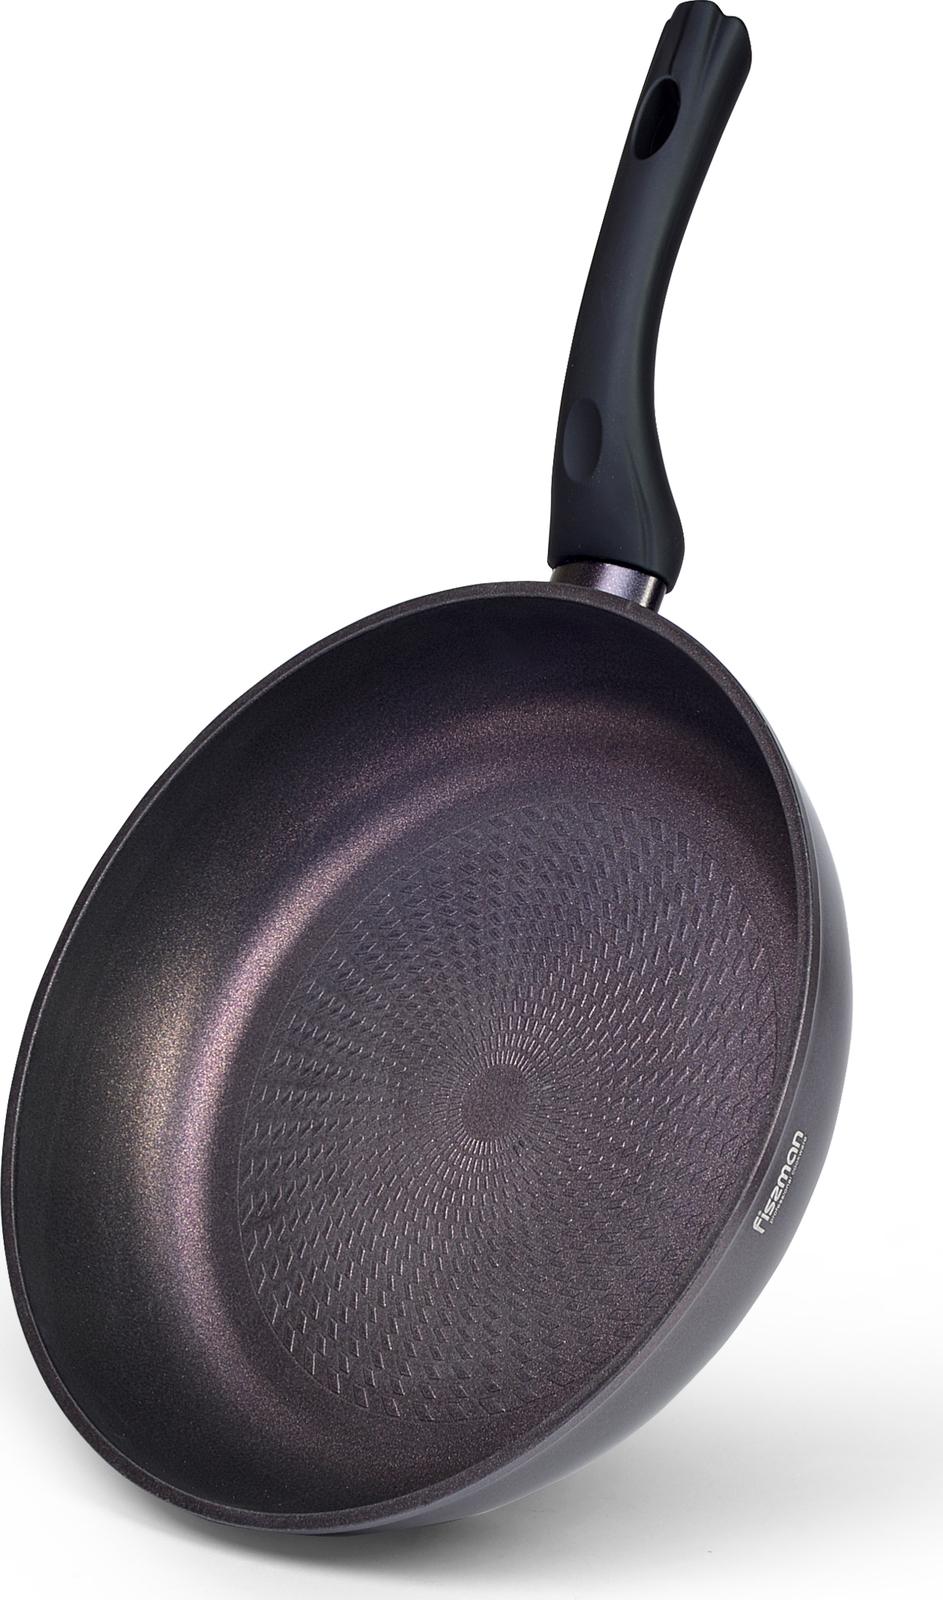 Сковорода Fissman Choco Jasper, с антипригарным покрытием, диаметр 26 см сковорода fissman prestige с антипригарным покрытием диаметр 26 см